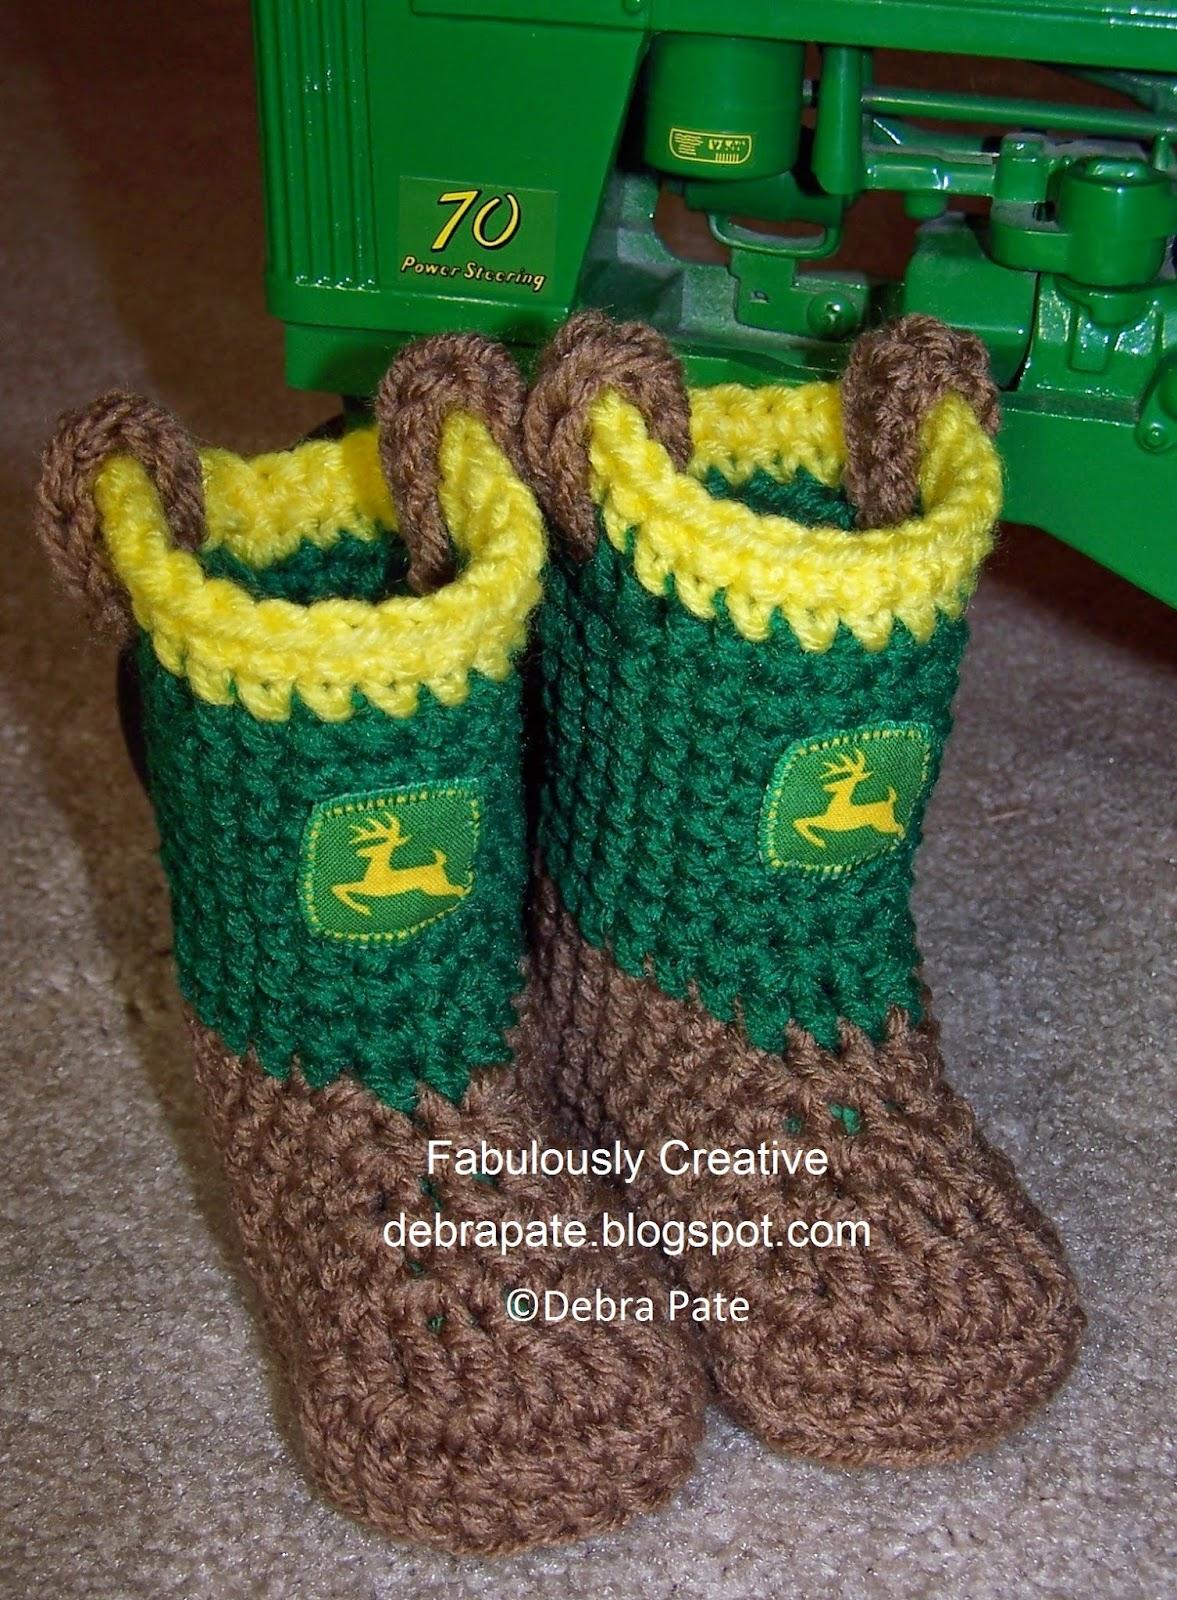 Deere Infant Hat Crochet Pattern : Fabulously Creative: CROCHET JOHN DEERE TRACTOR INSPIRED ...